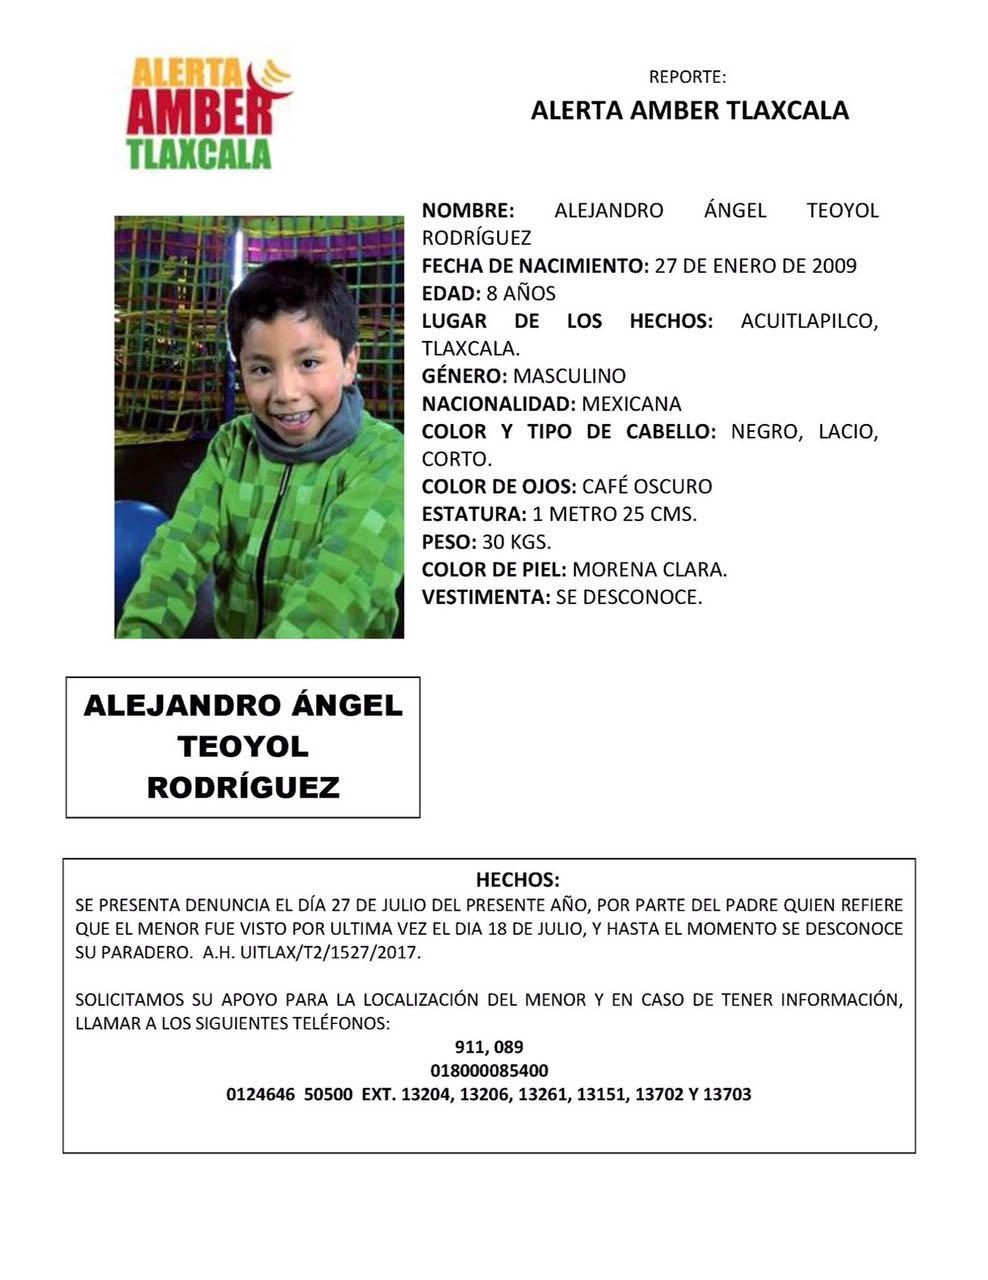 Desaparece niño de 8 años de edad en Acuitlapilco